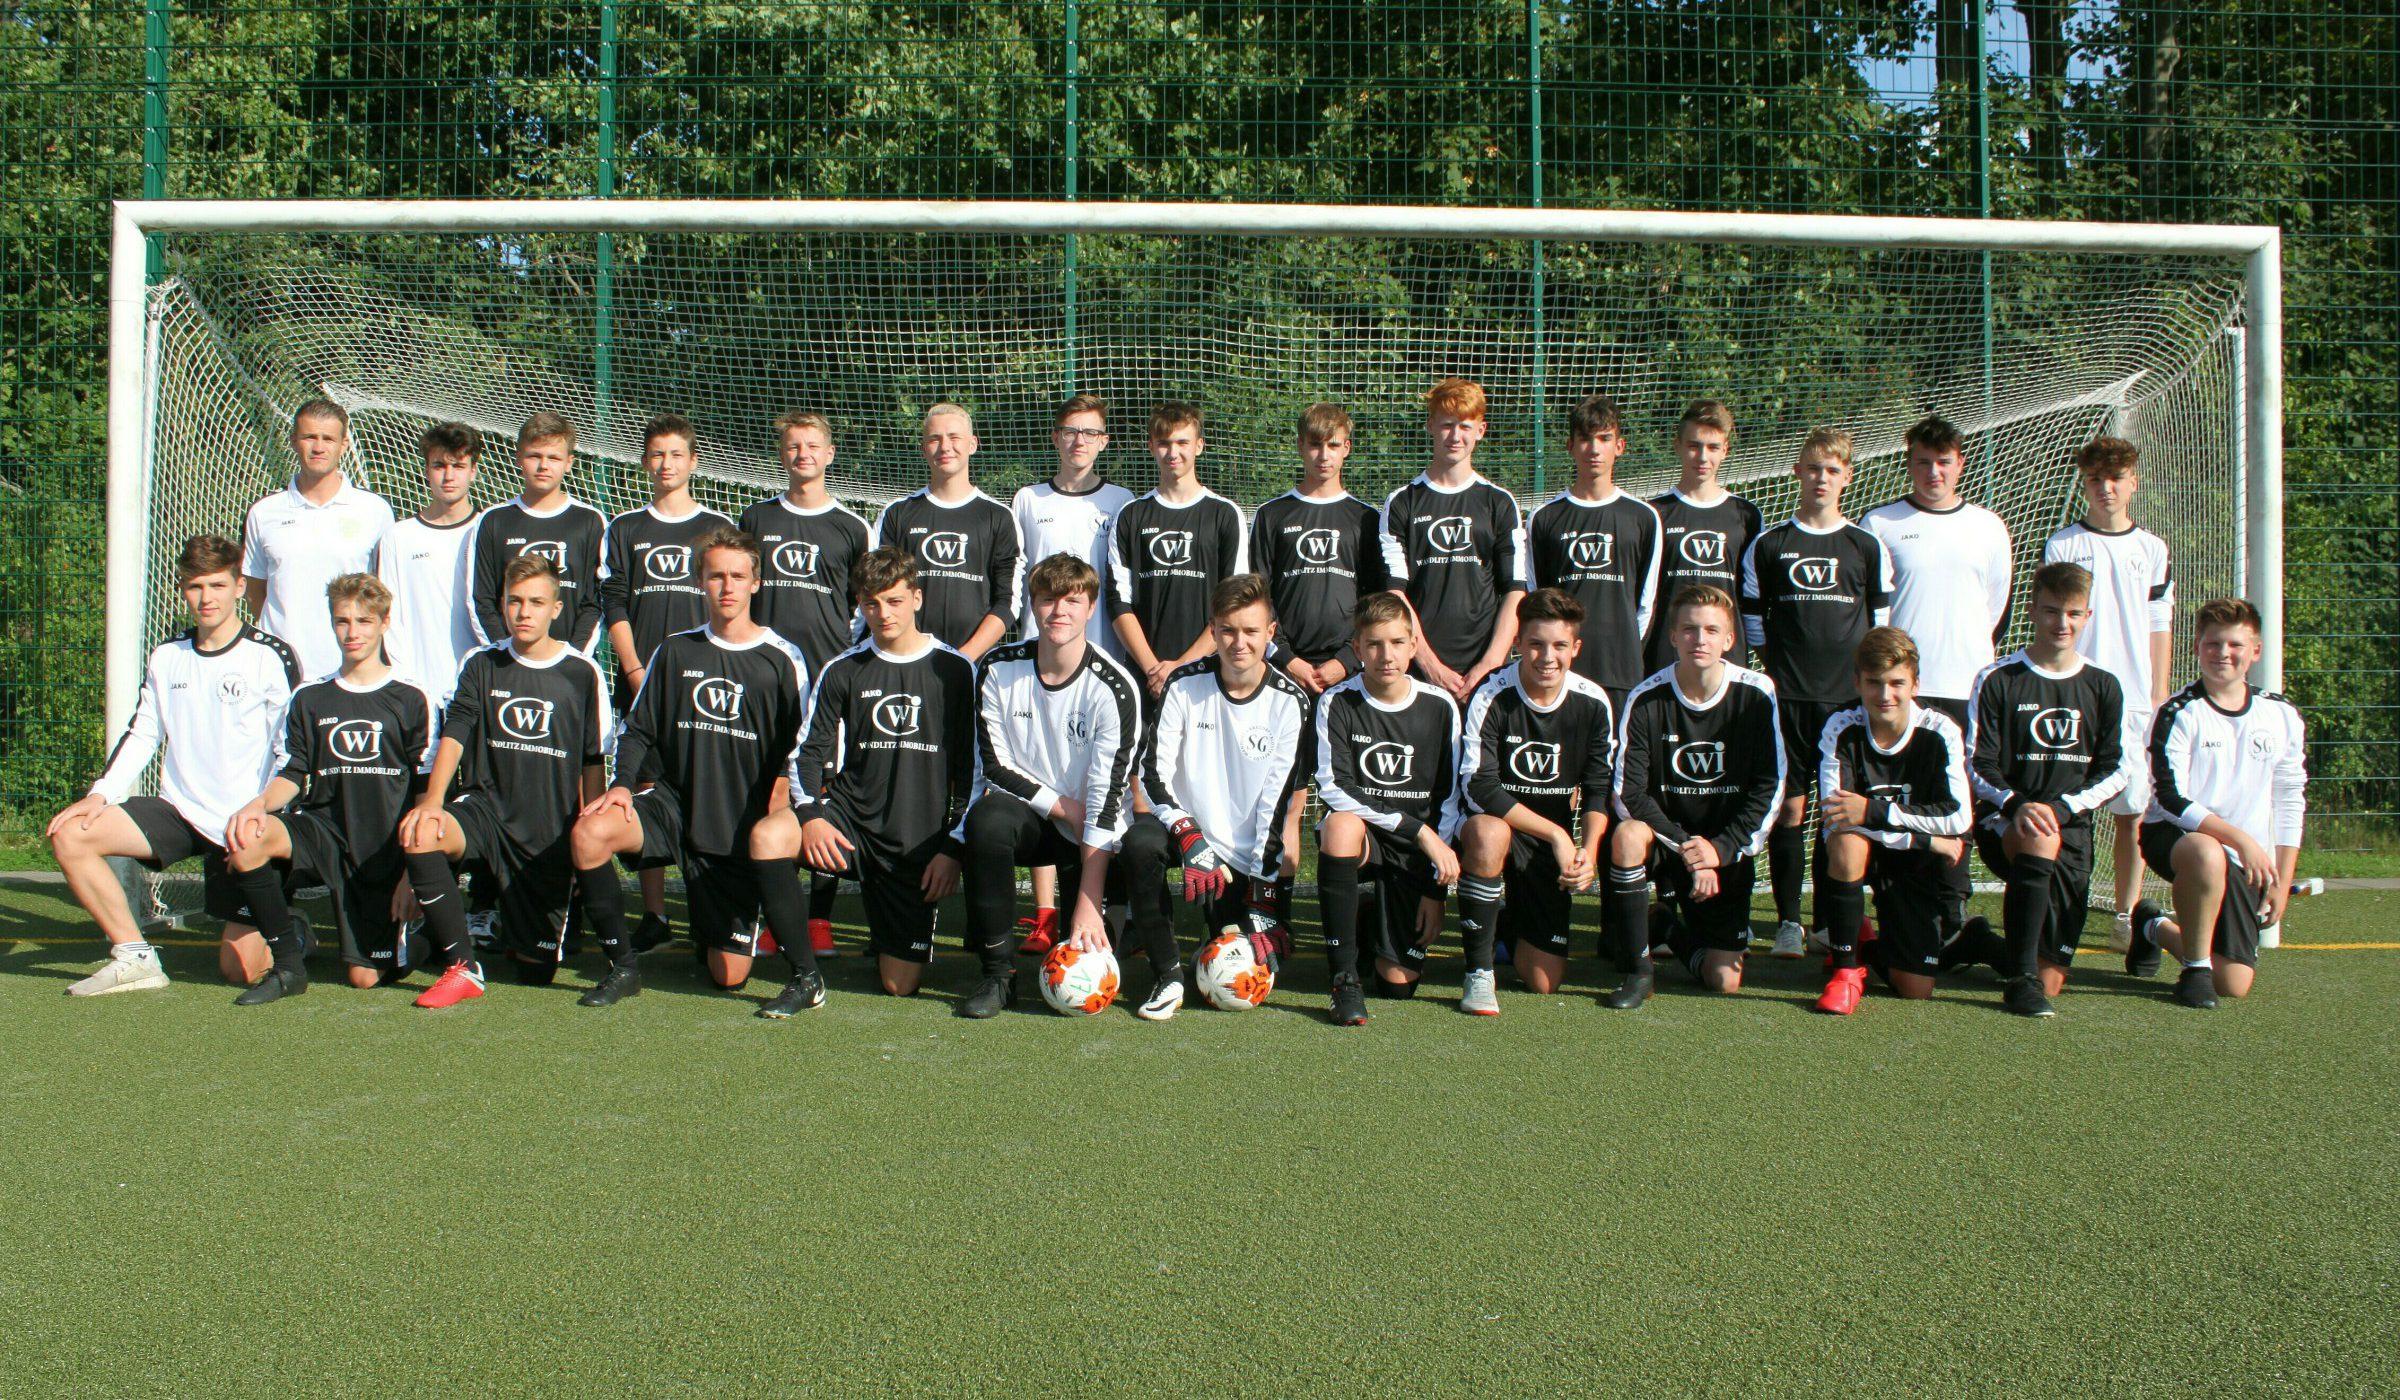 20190813 Mannschaftsfotos B-Junioren Jahrgänge 2003-2004 Spielsaison 2019-20 (2)